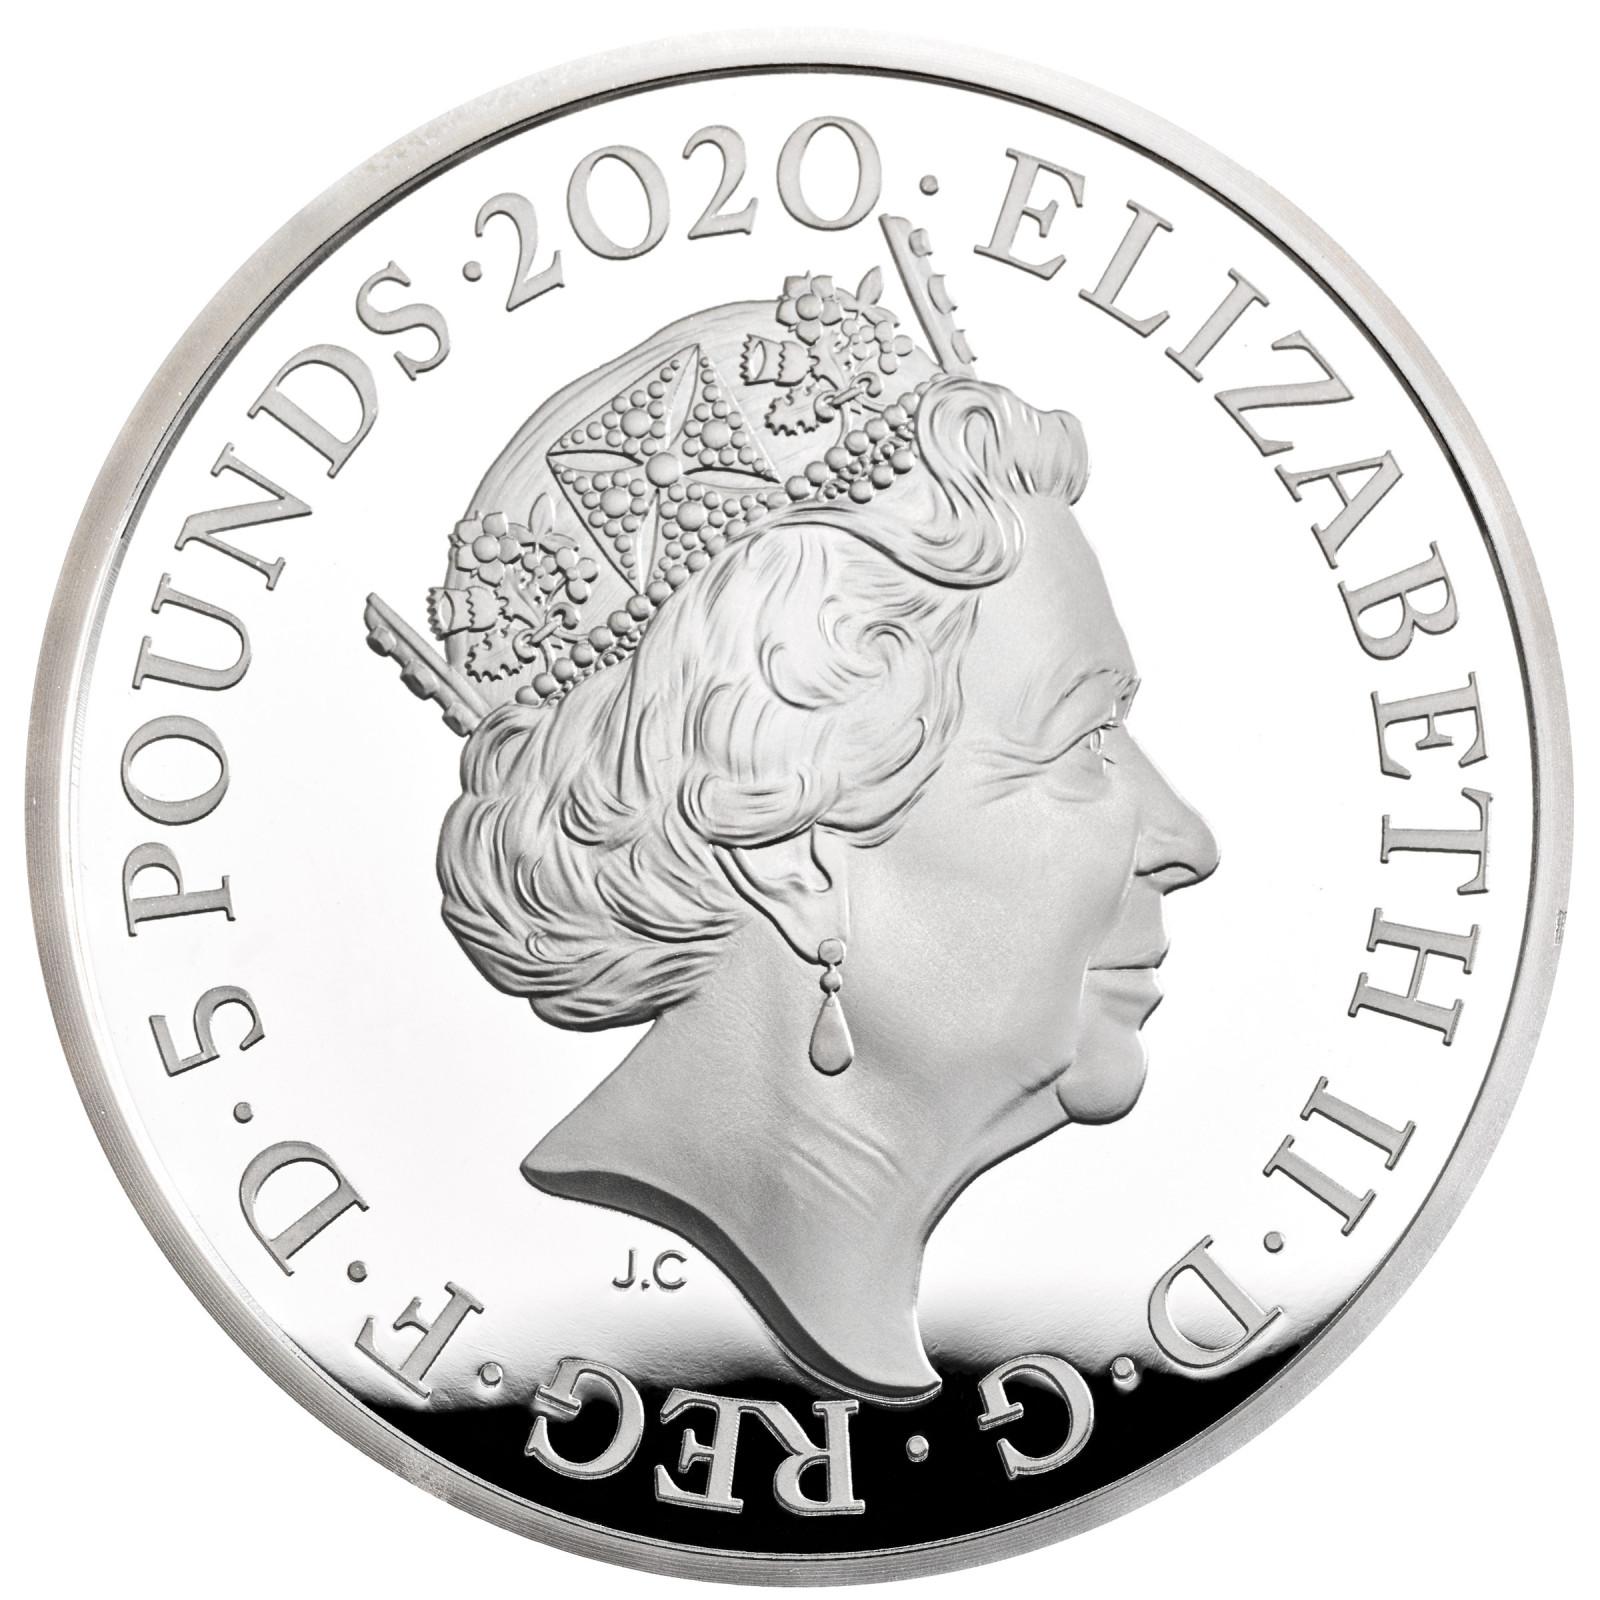 38 pfund in euro